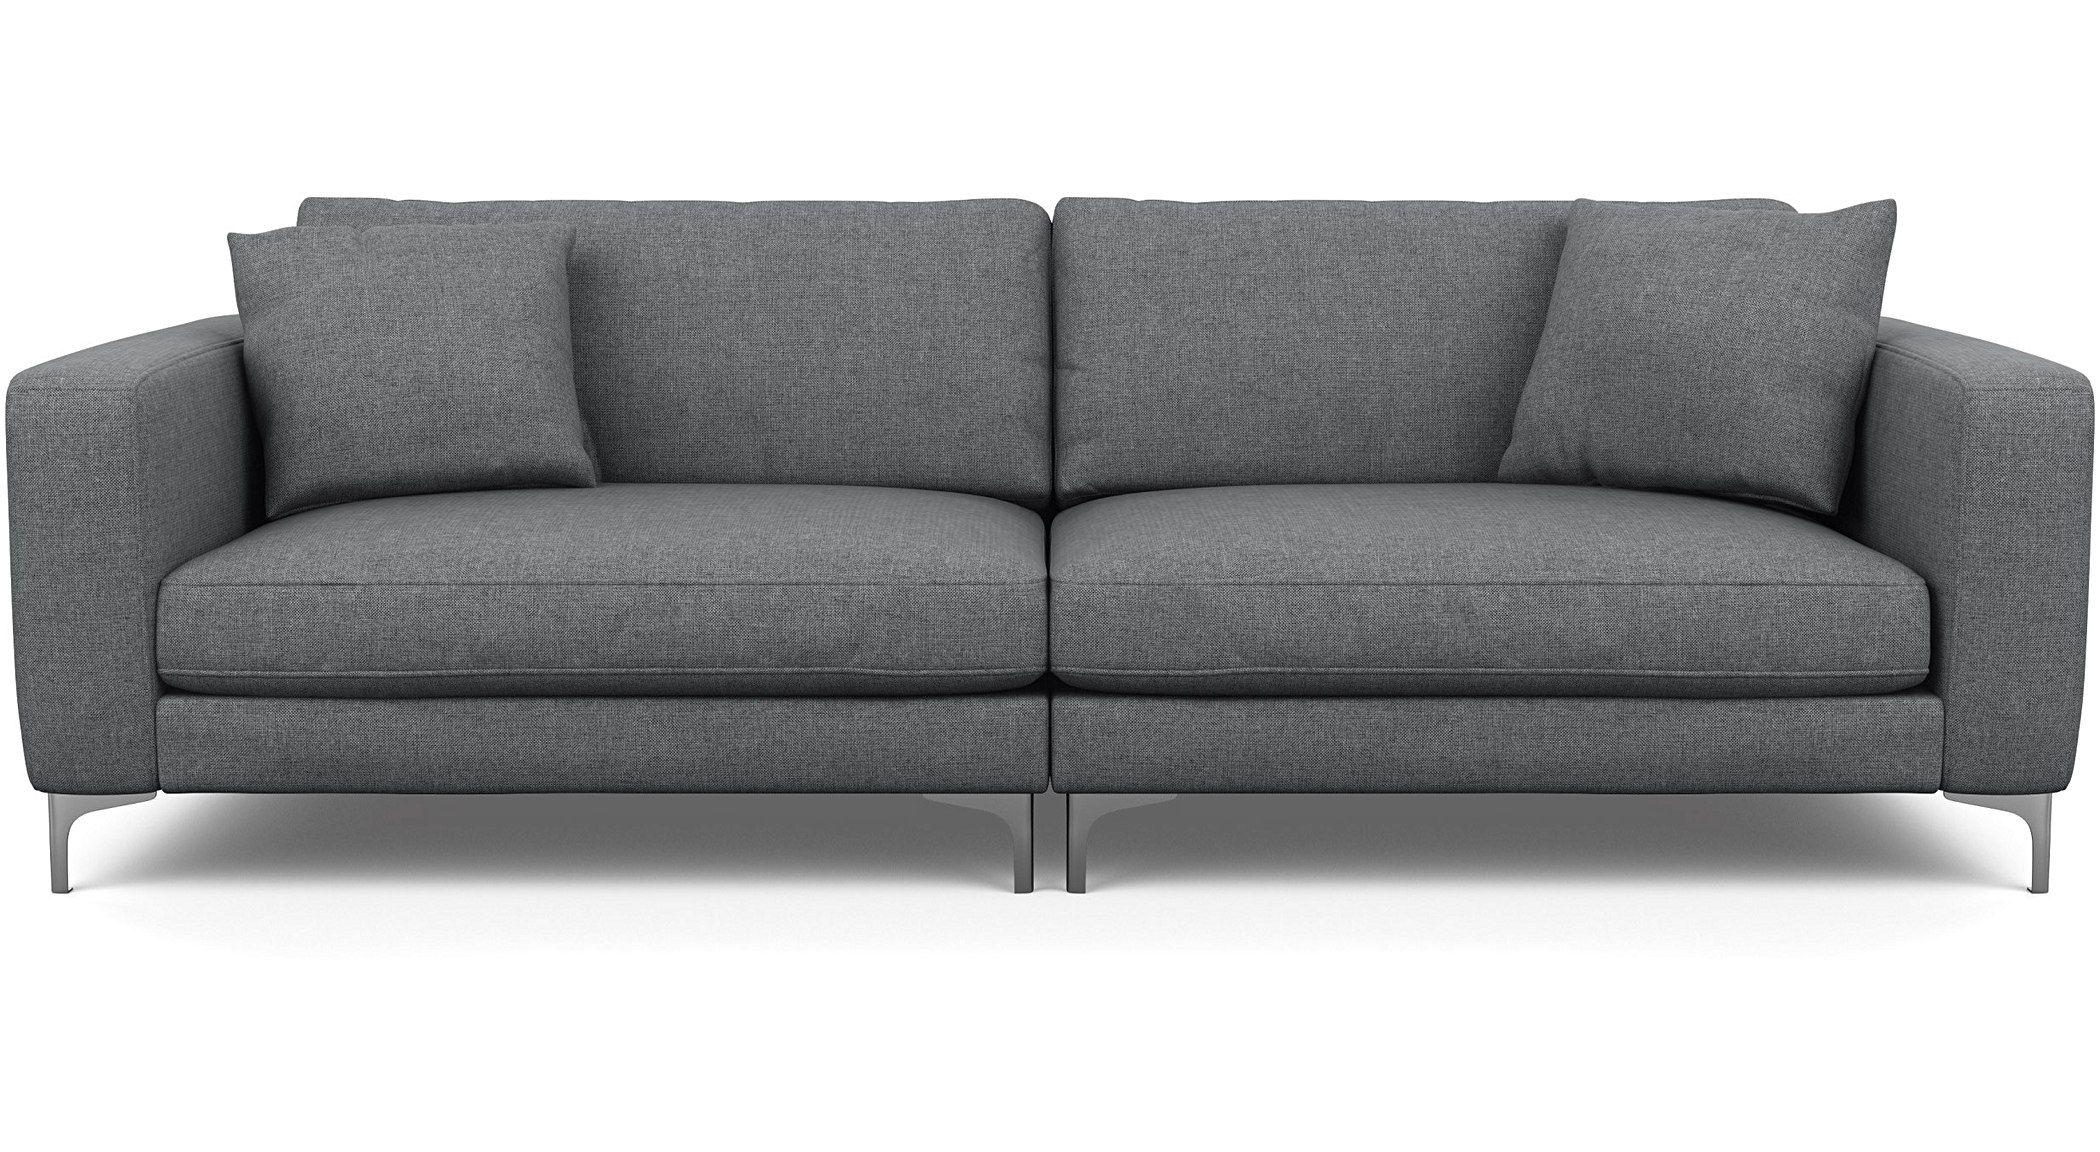 Plush  think sofas. Australia's sofa specialist - zara   home comforts    Pinterest